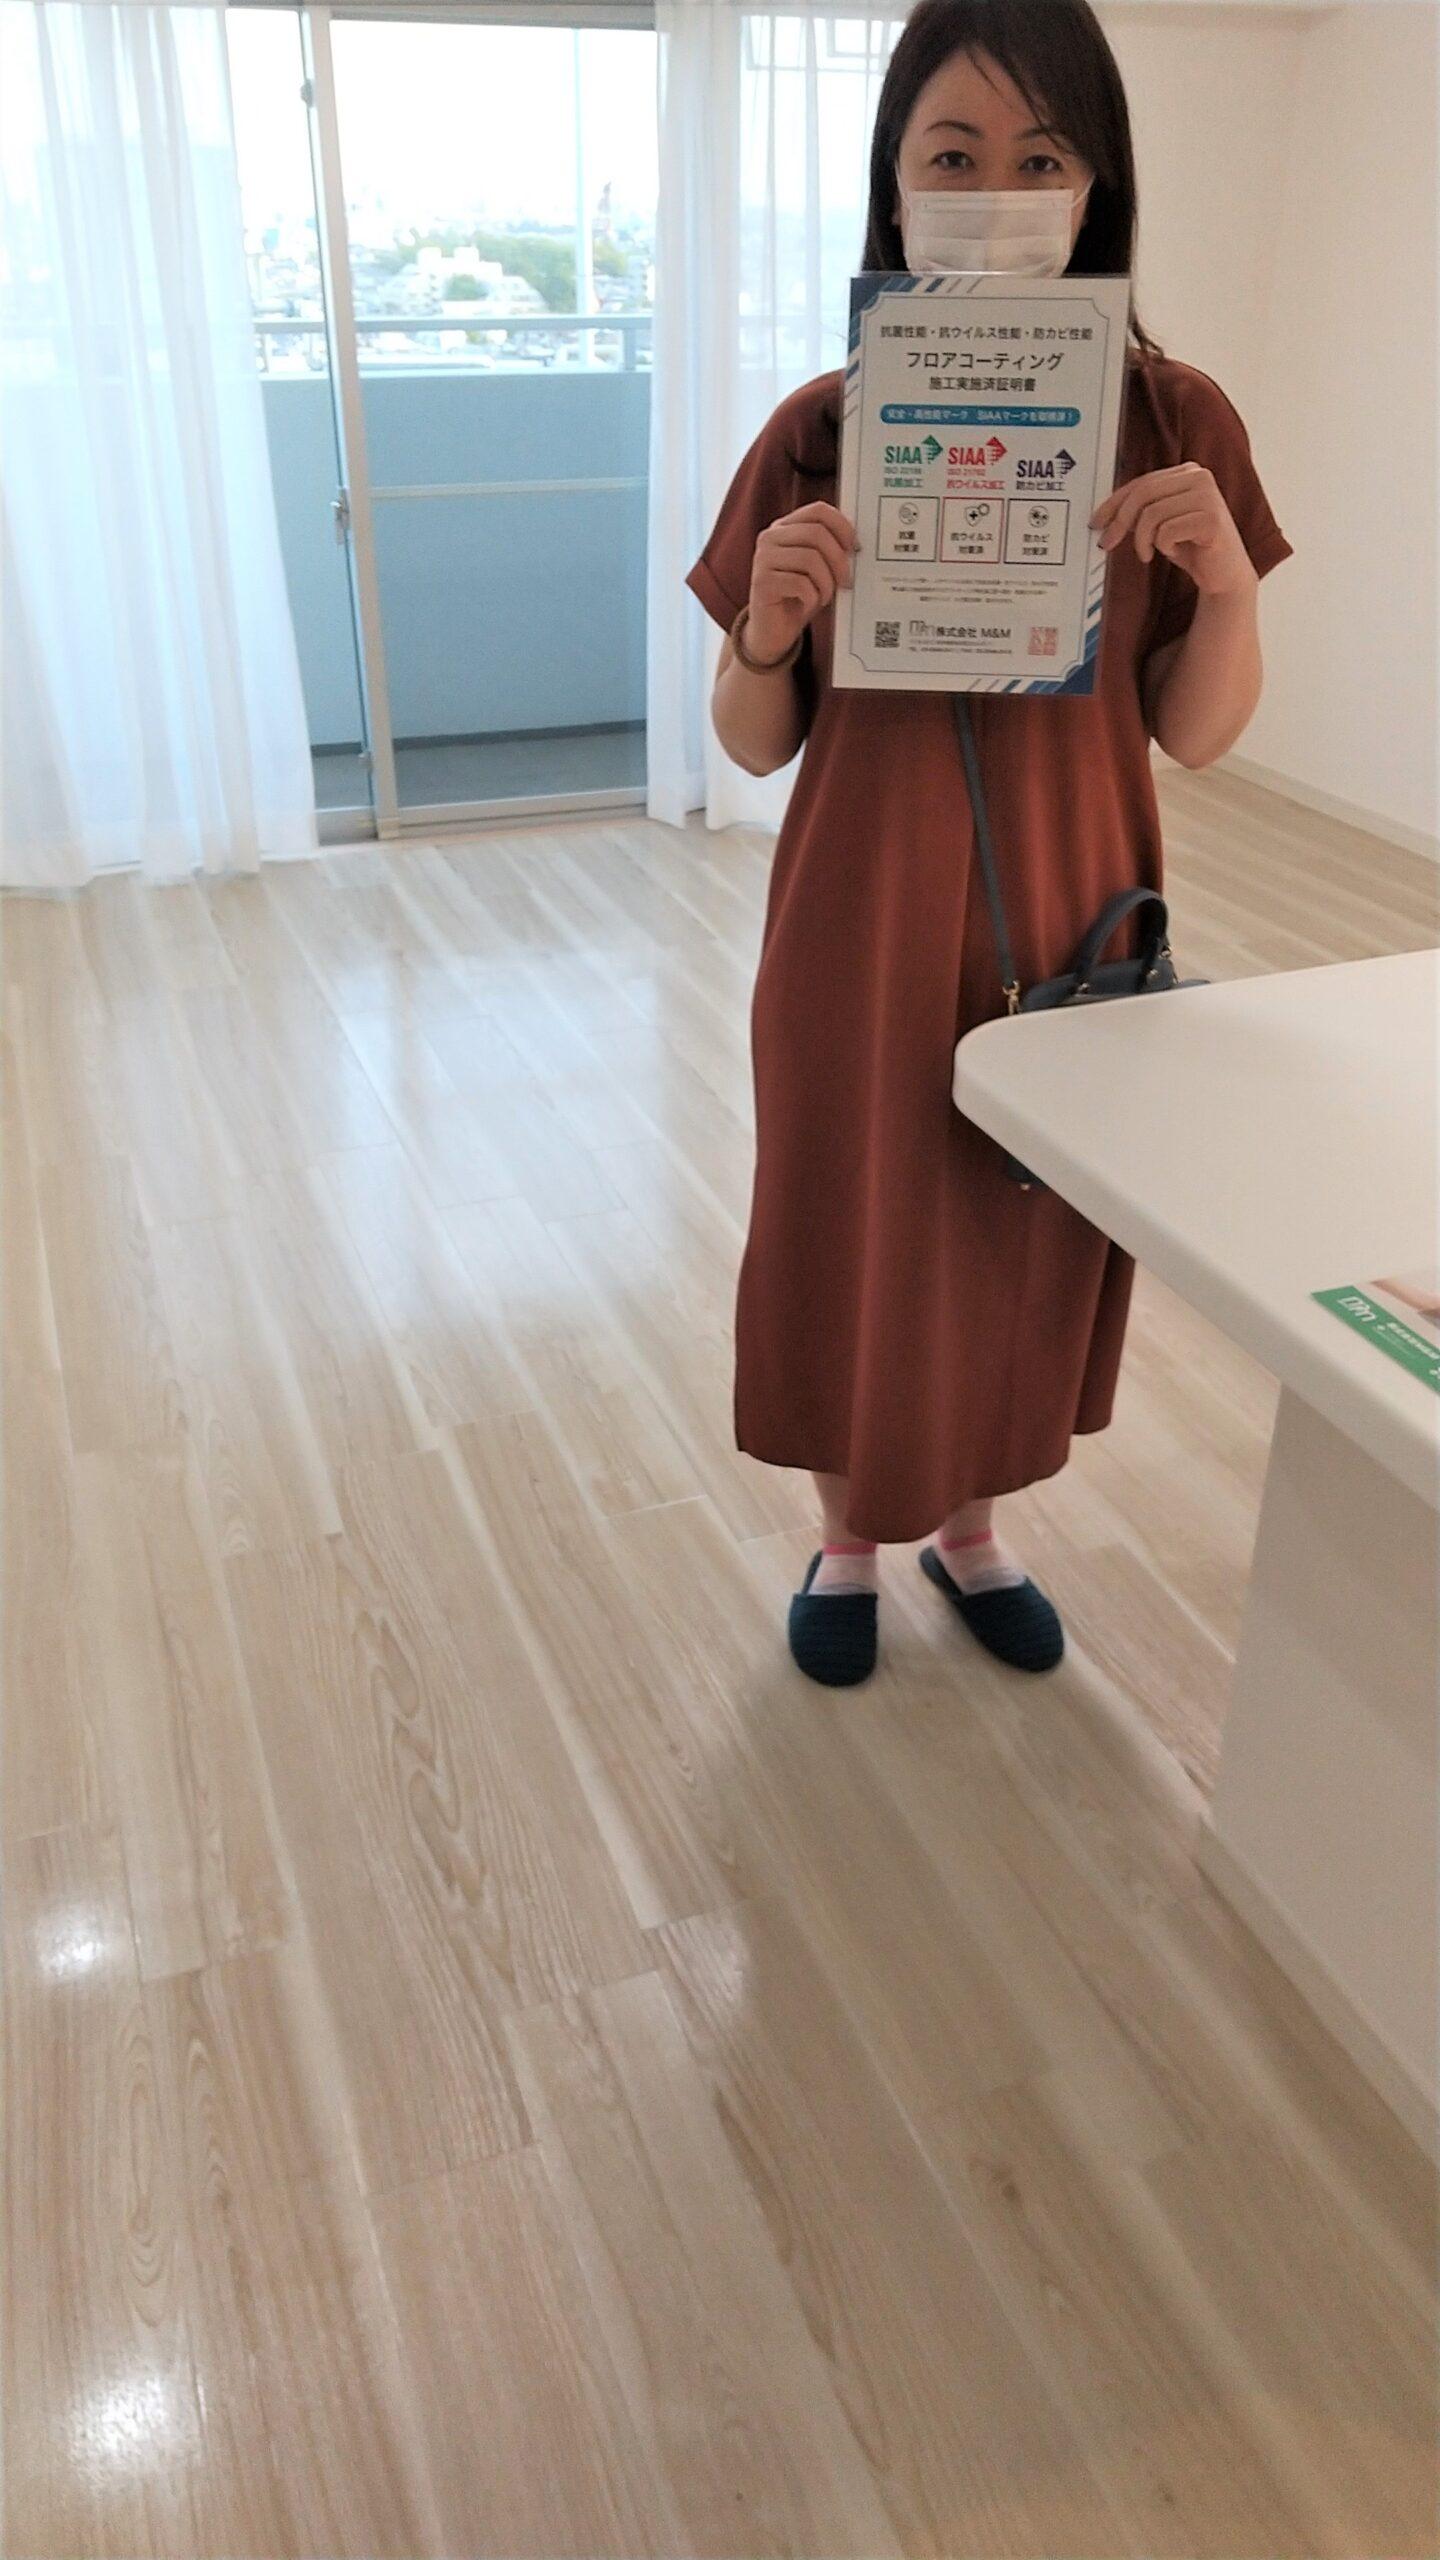 神奈川県厚木市 SIAA抗菌フロアコーティング